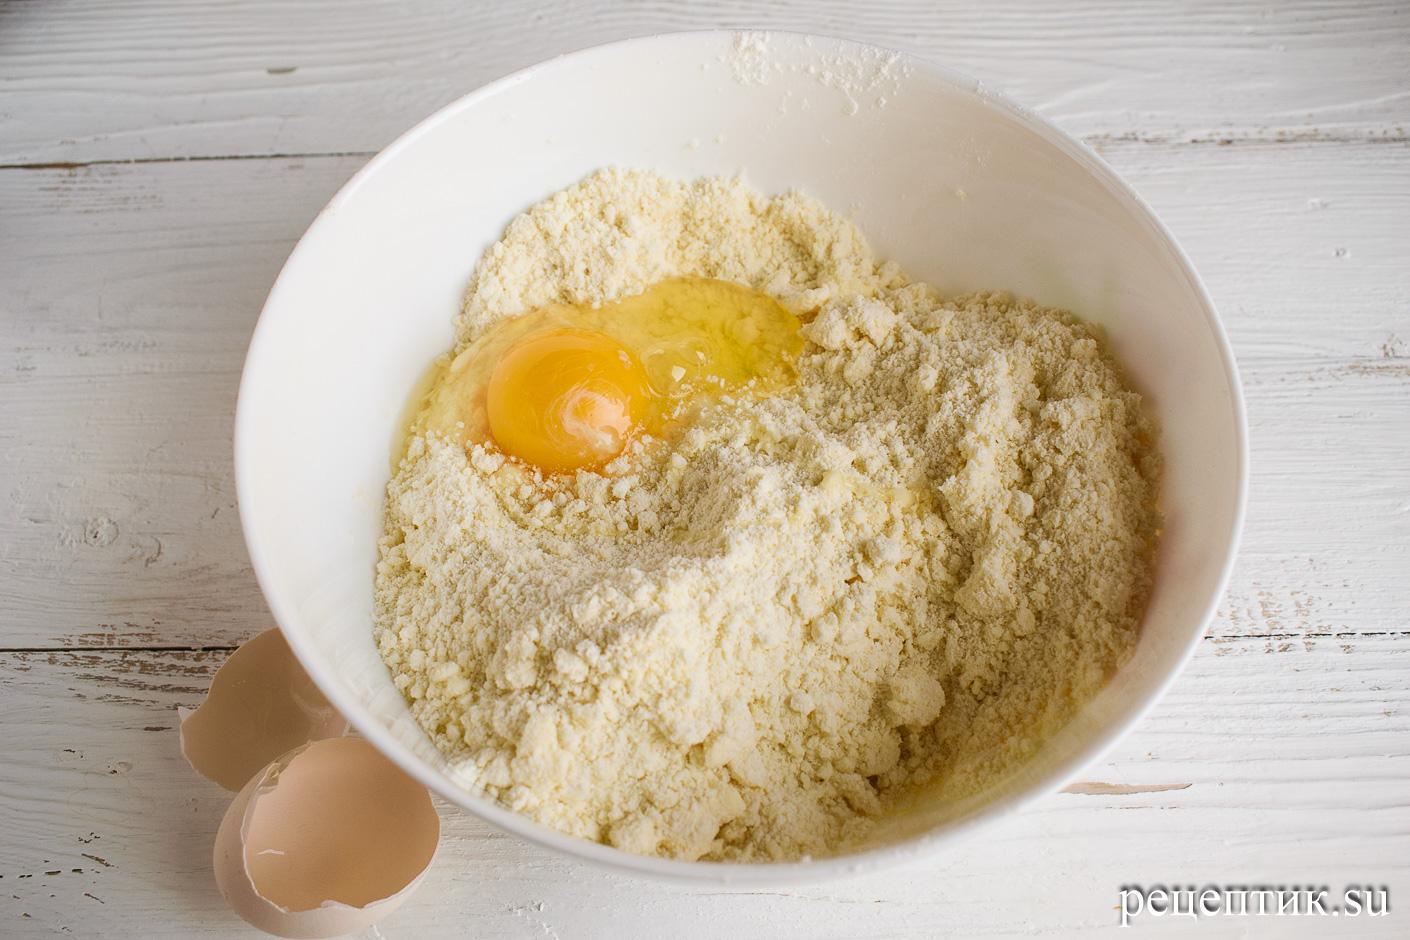 Песочное печенье к чаю — самое простое и самое вкусное - рецепт с фото, шаг 3